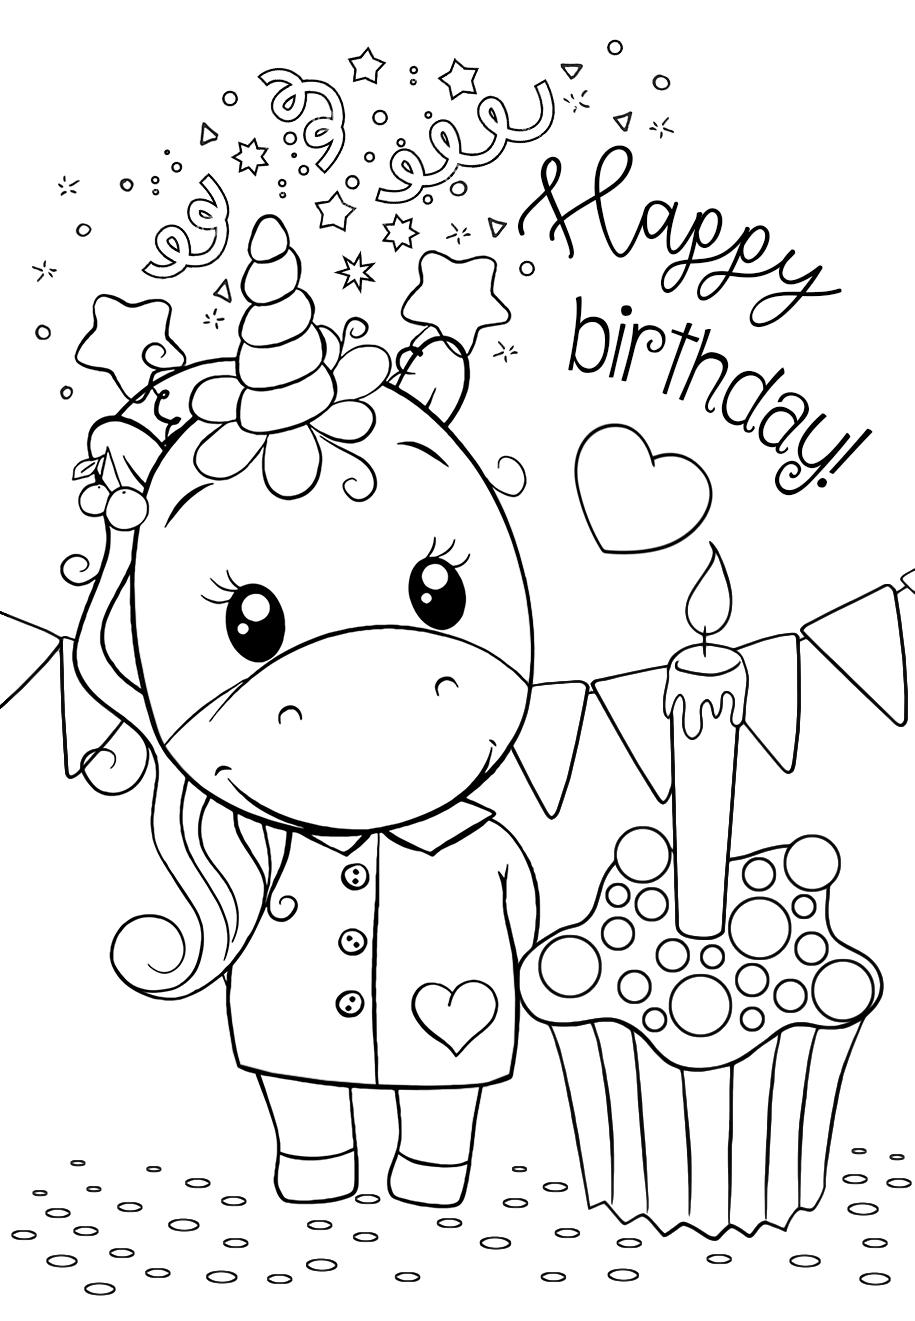 Единорог С днем рождения - Милашки - Раскраски антистресс